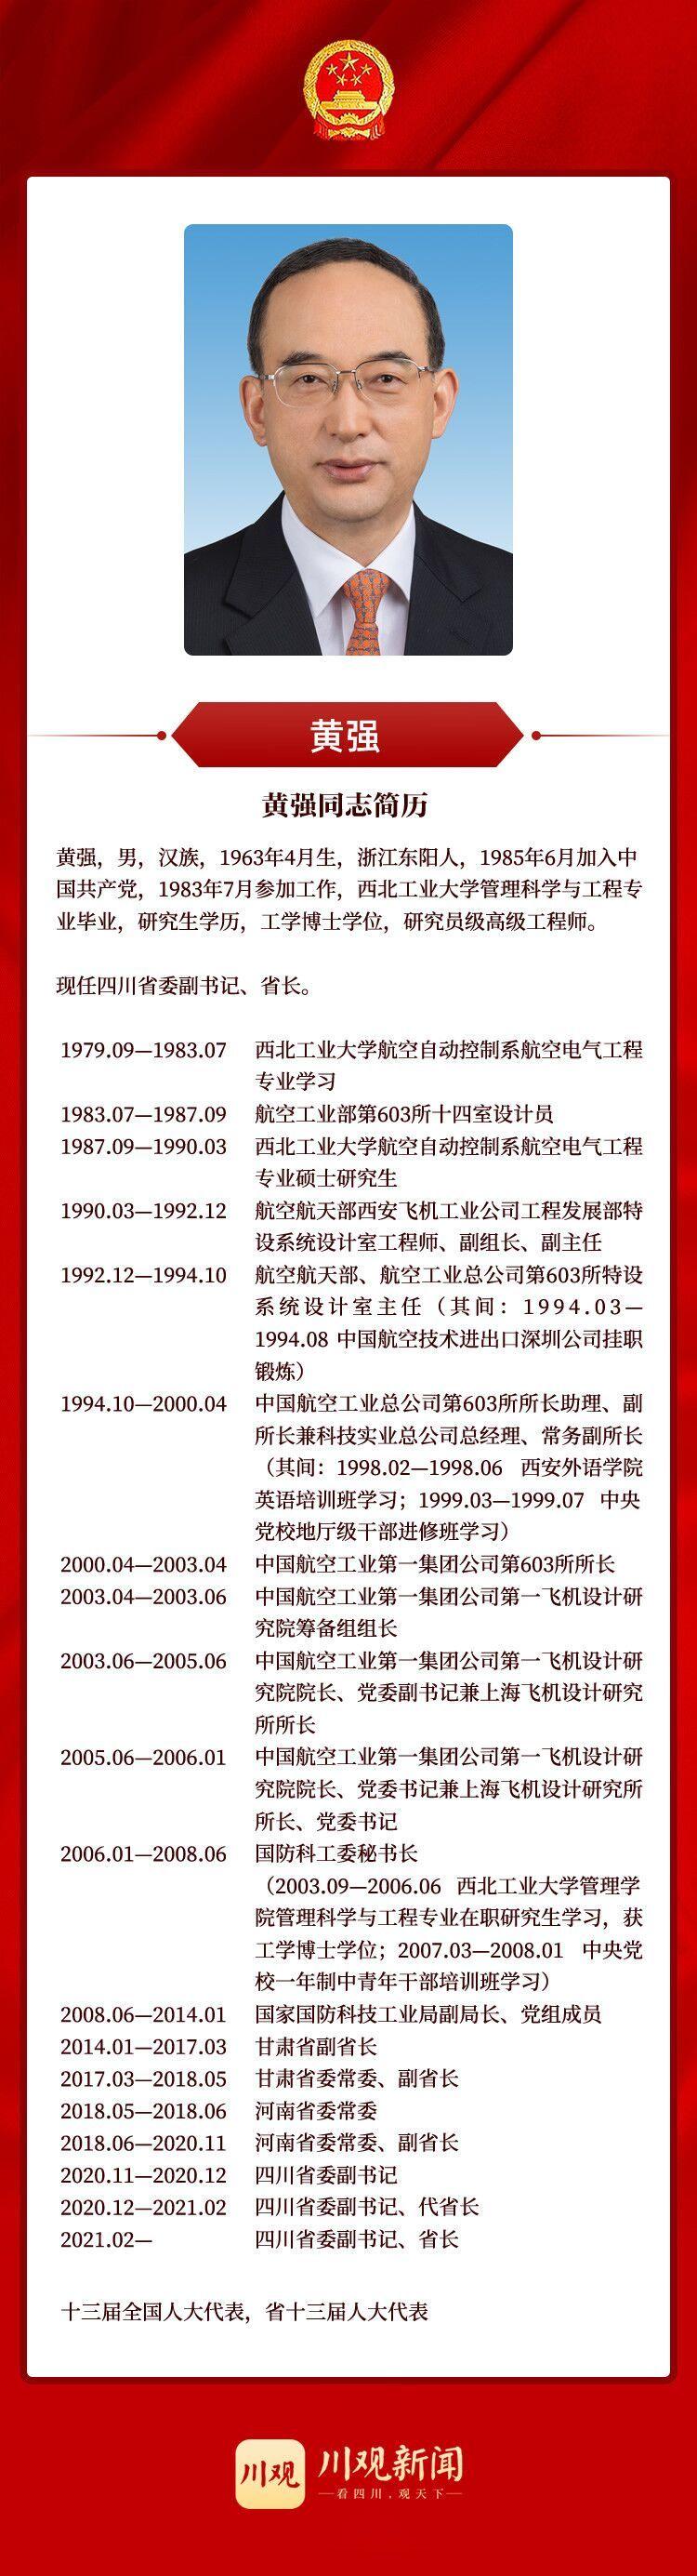 黃強當選為四川省省長